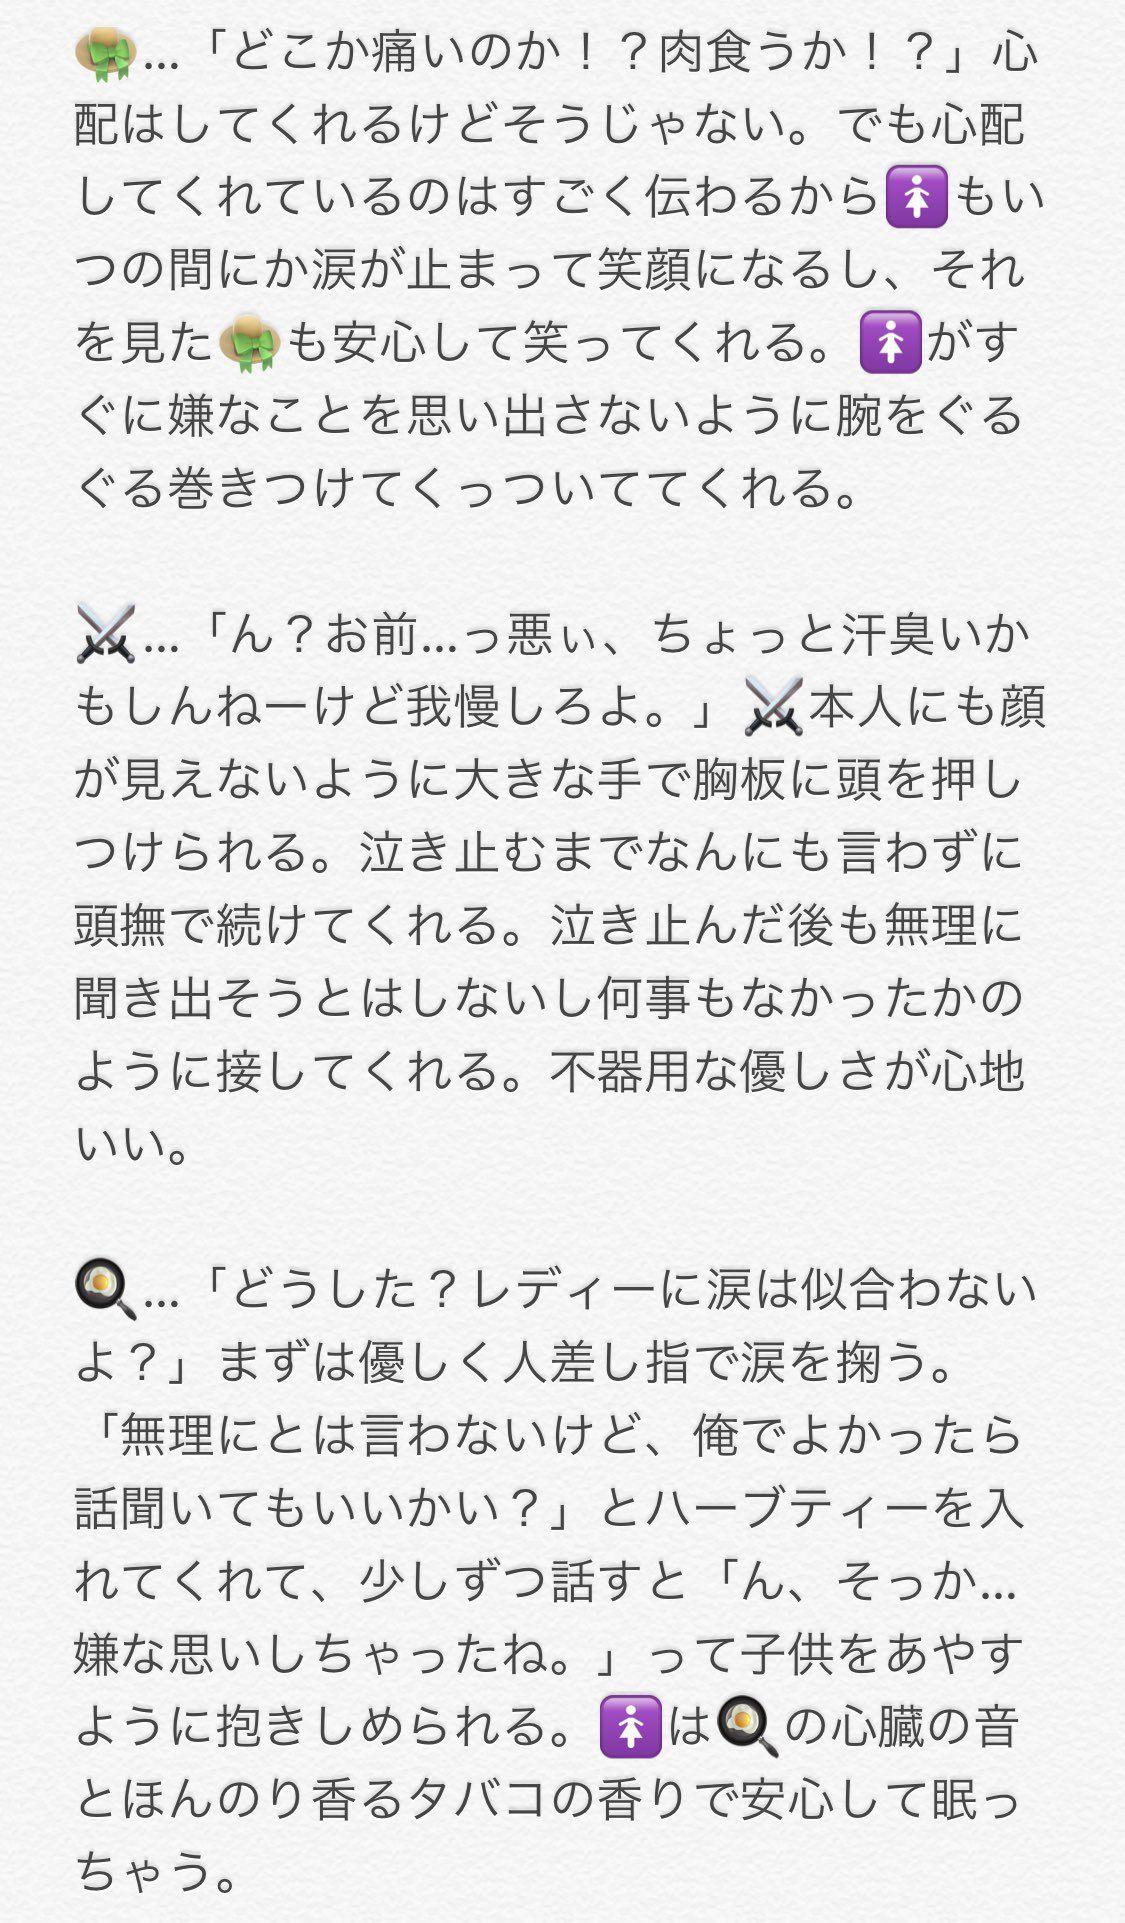 ゾロ ワンピース 夢 小説